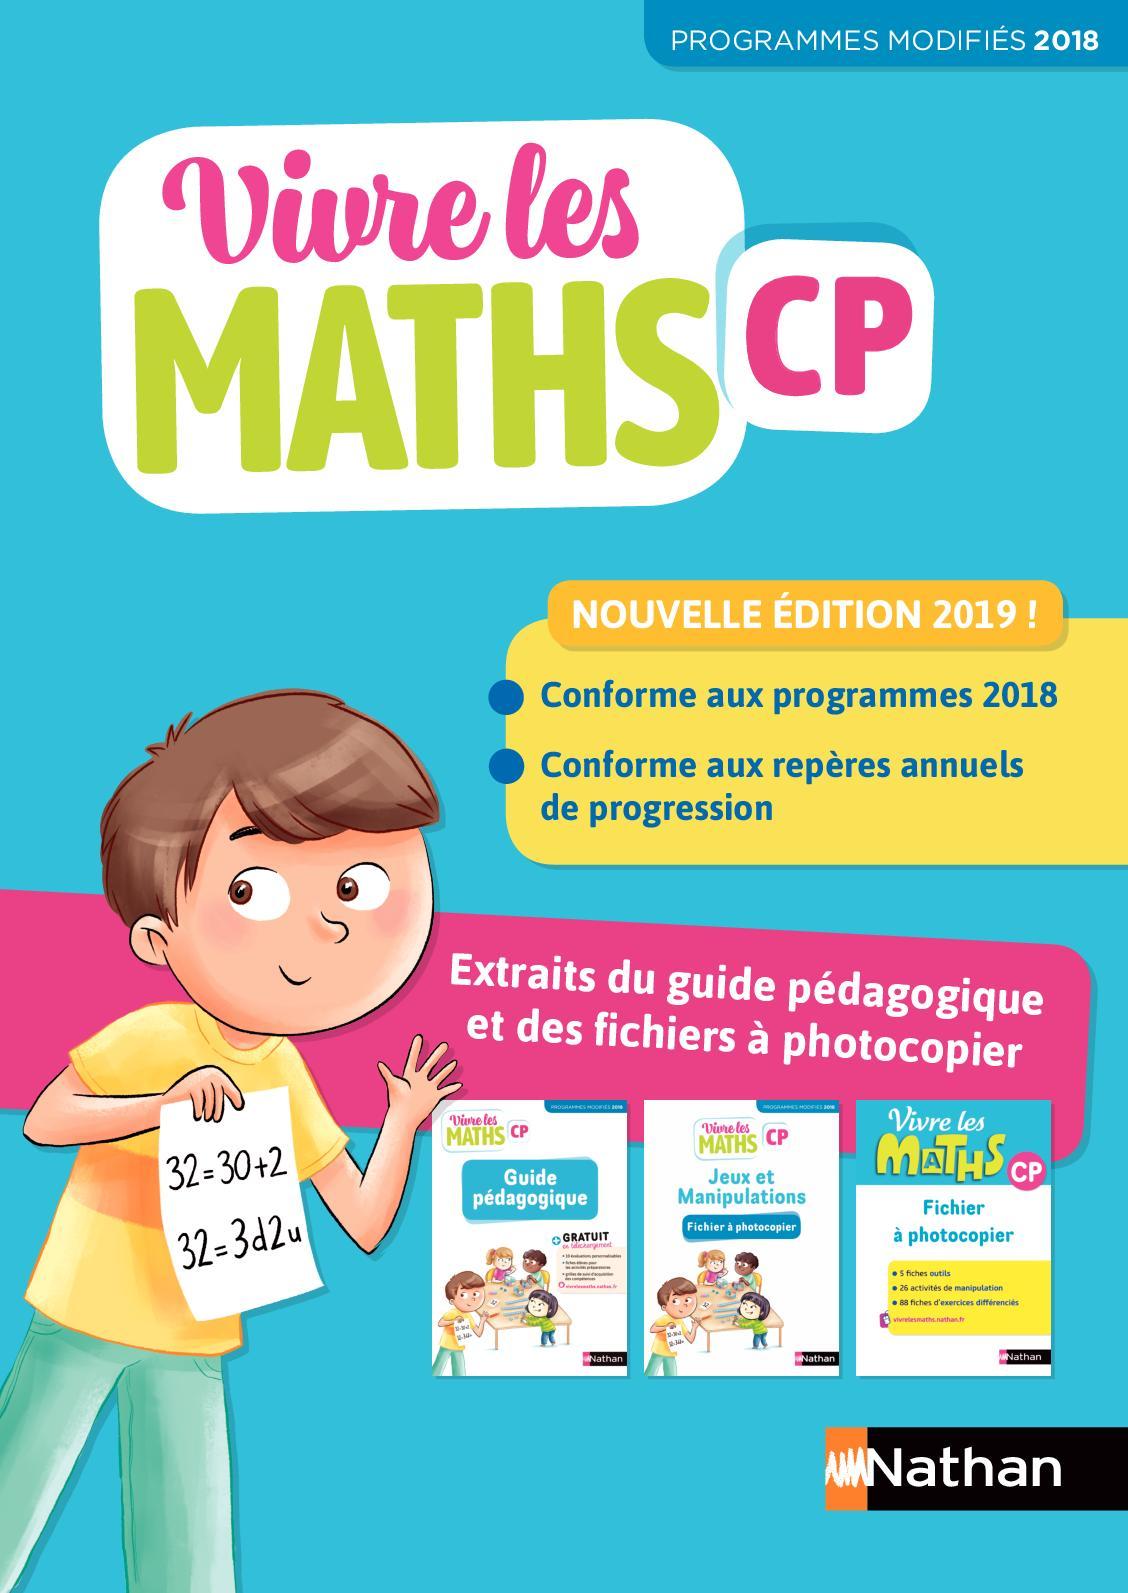 Vivre Les Maths Cp Site Compagnon : vivre, maths, compagnon, Calaméo, Extrait, Vivre, Maths, Guide, Pédagogique